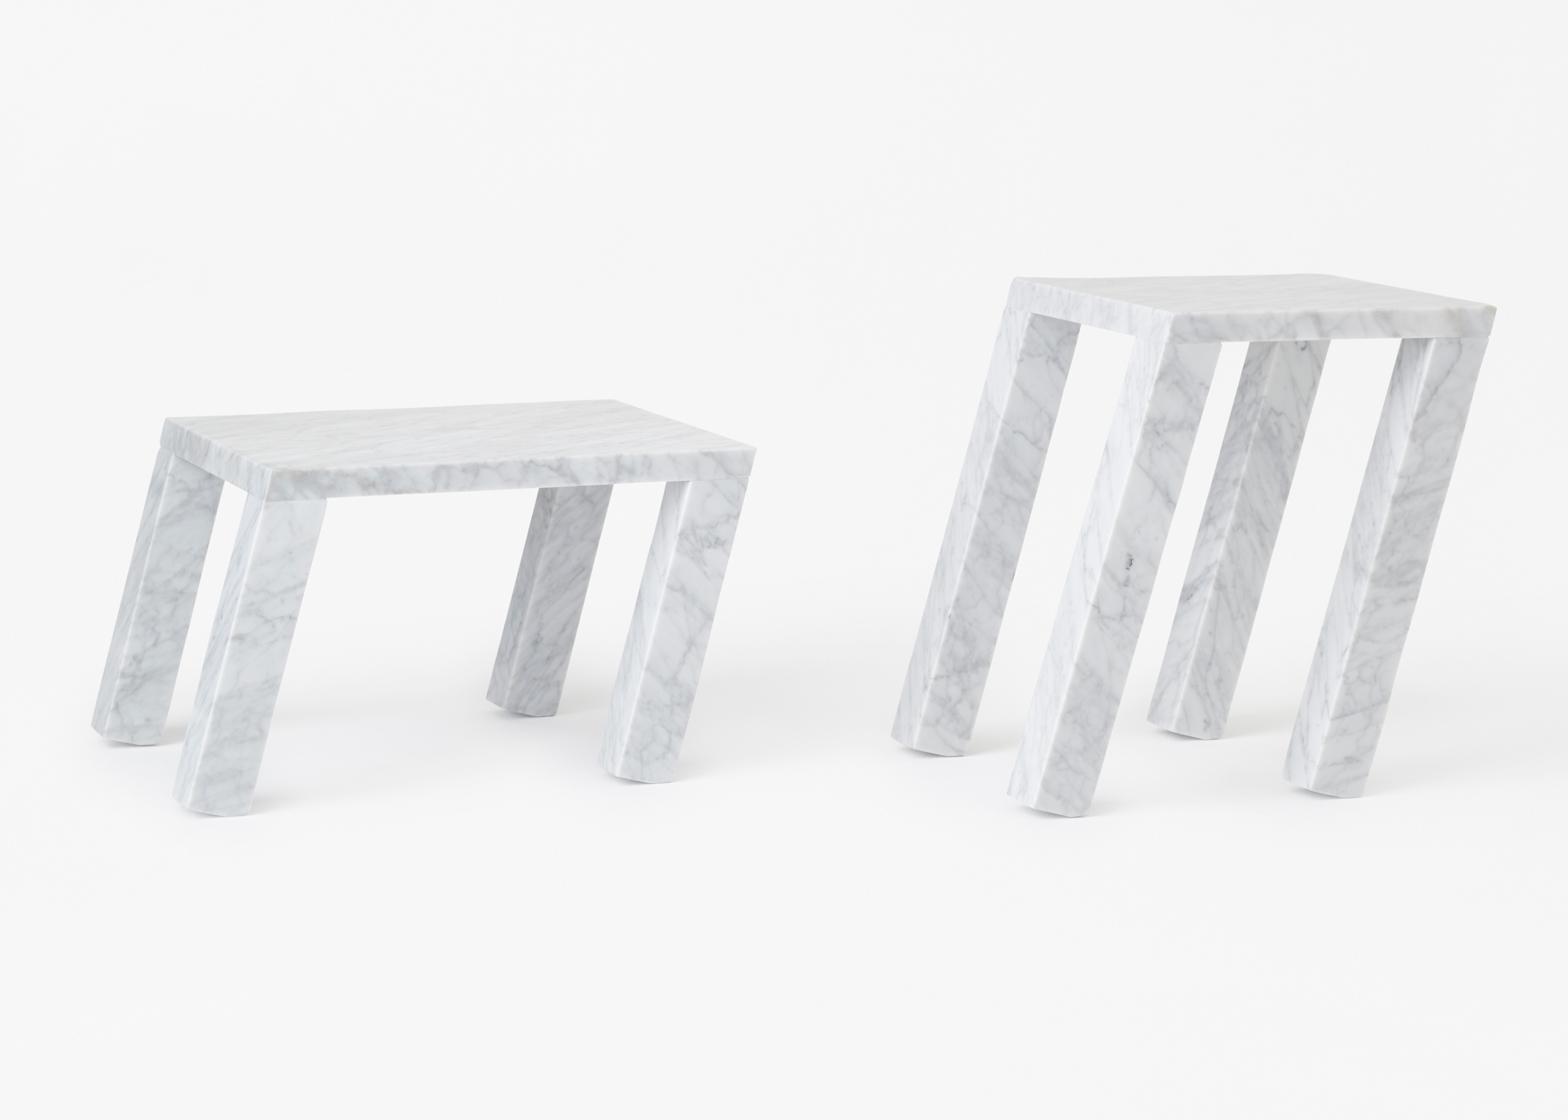 Nendo designs leaning marble tables for Marsotto Edizioni